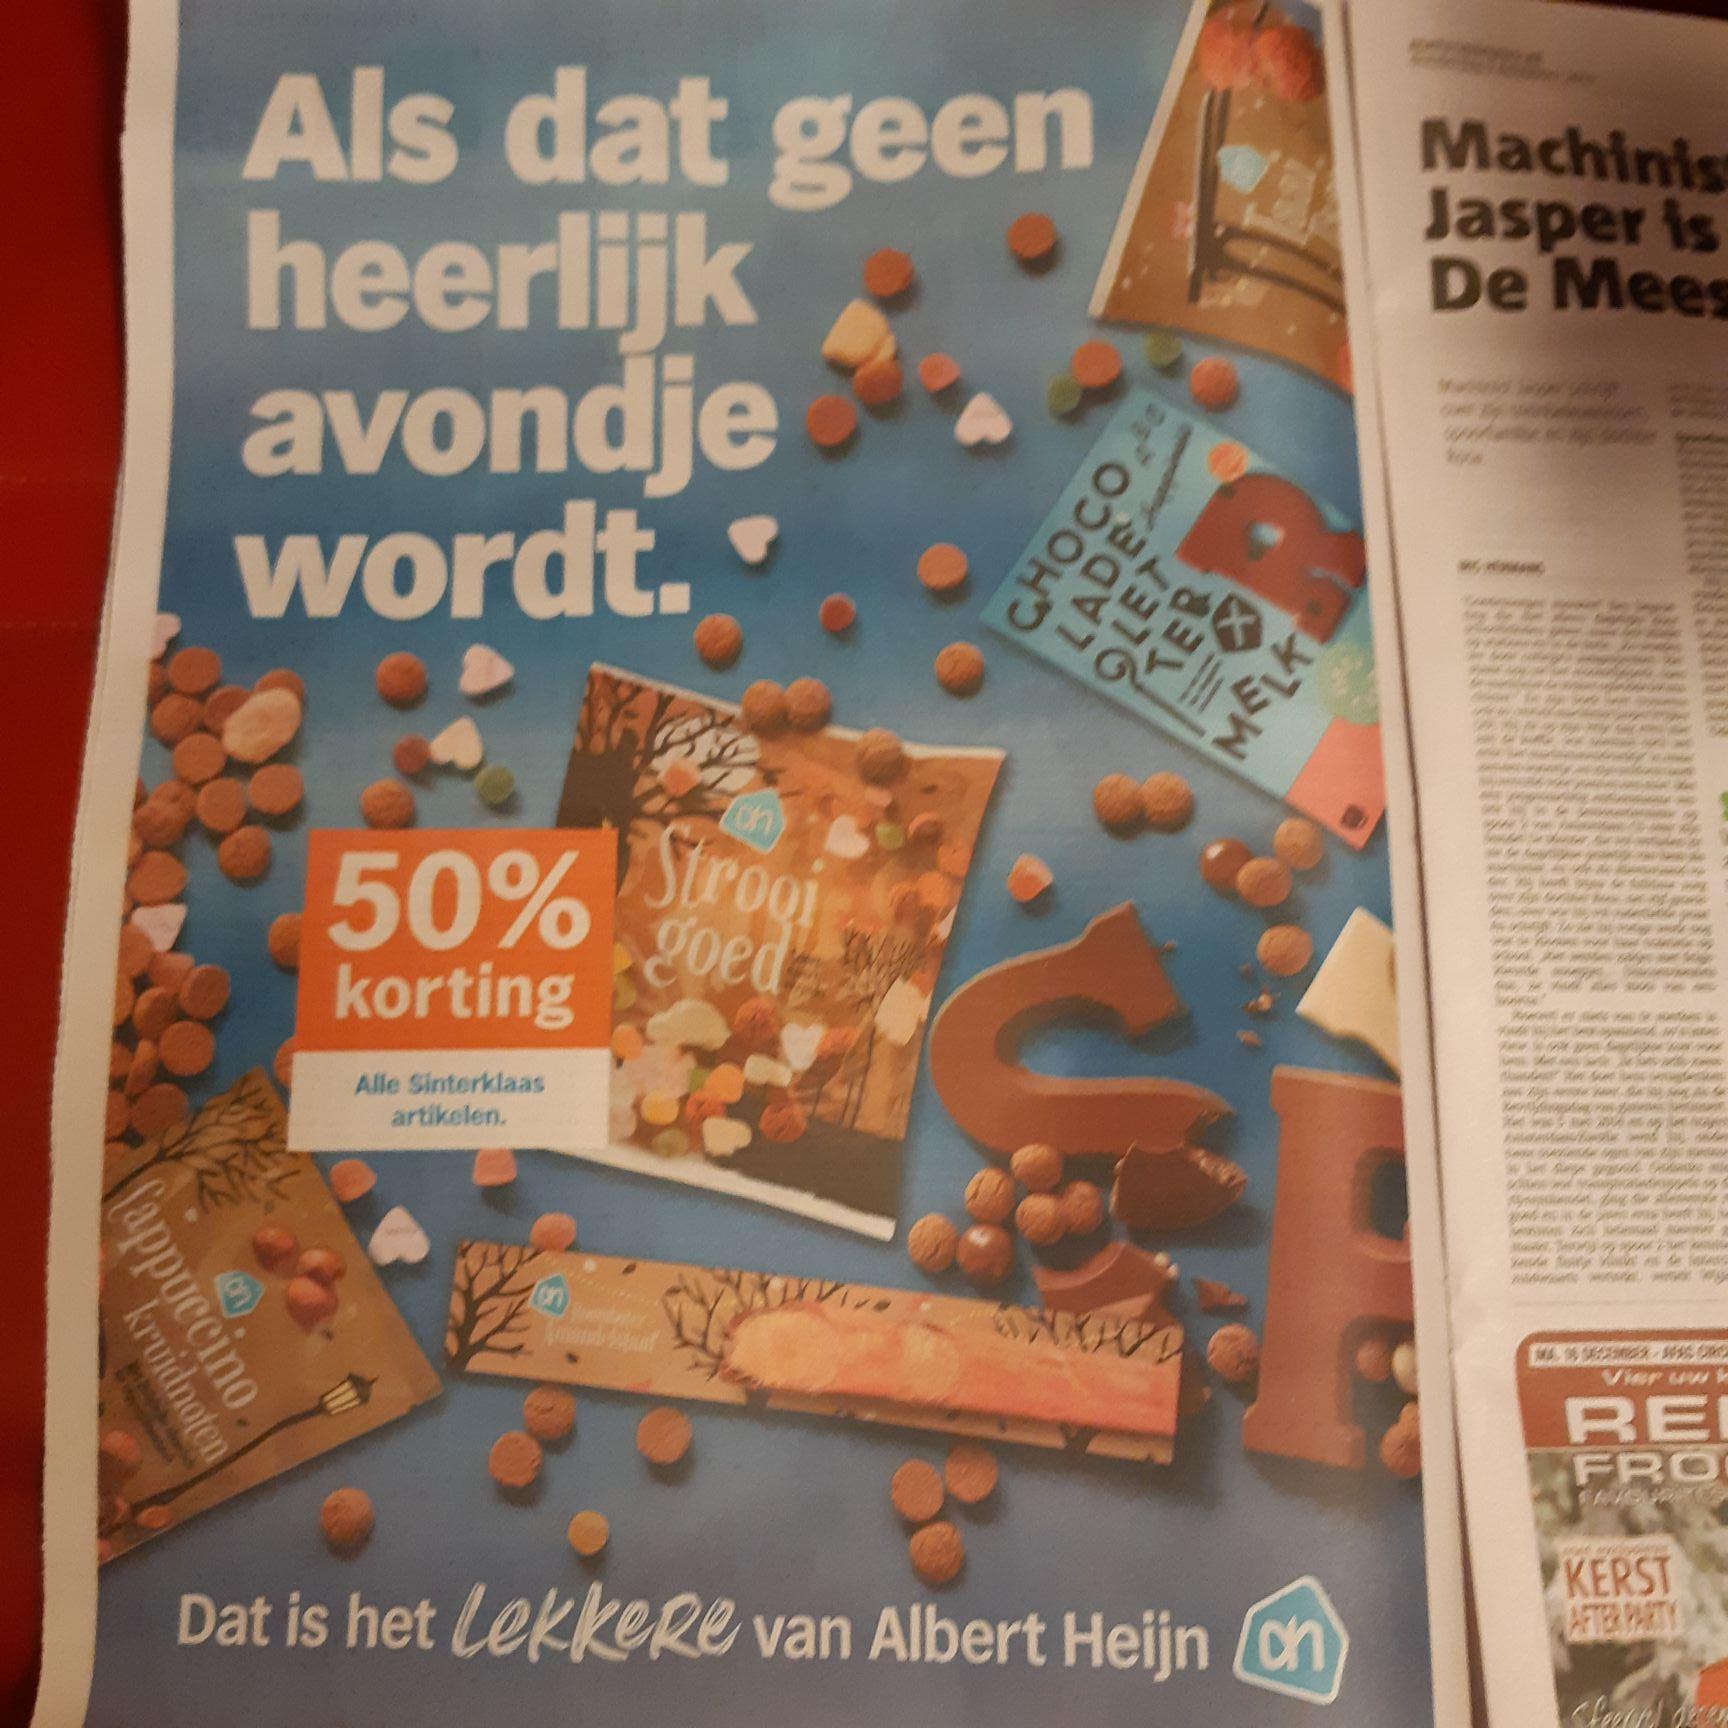 50% korting op alle Sinterklaas artikelen @ Albert Heijn